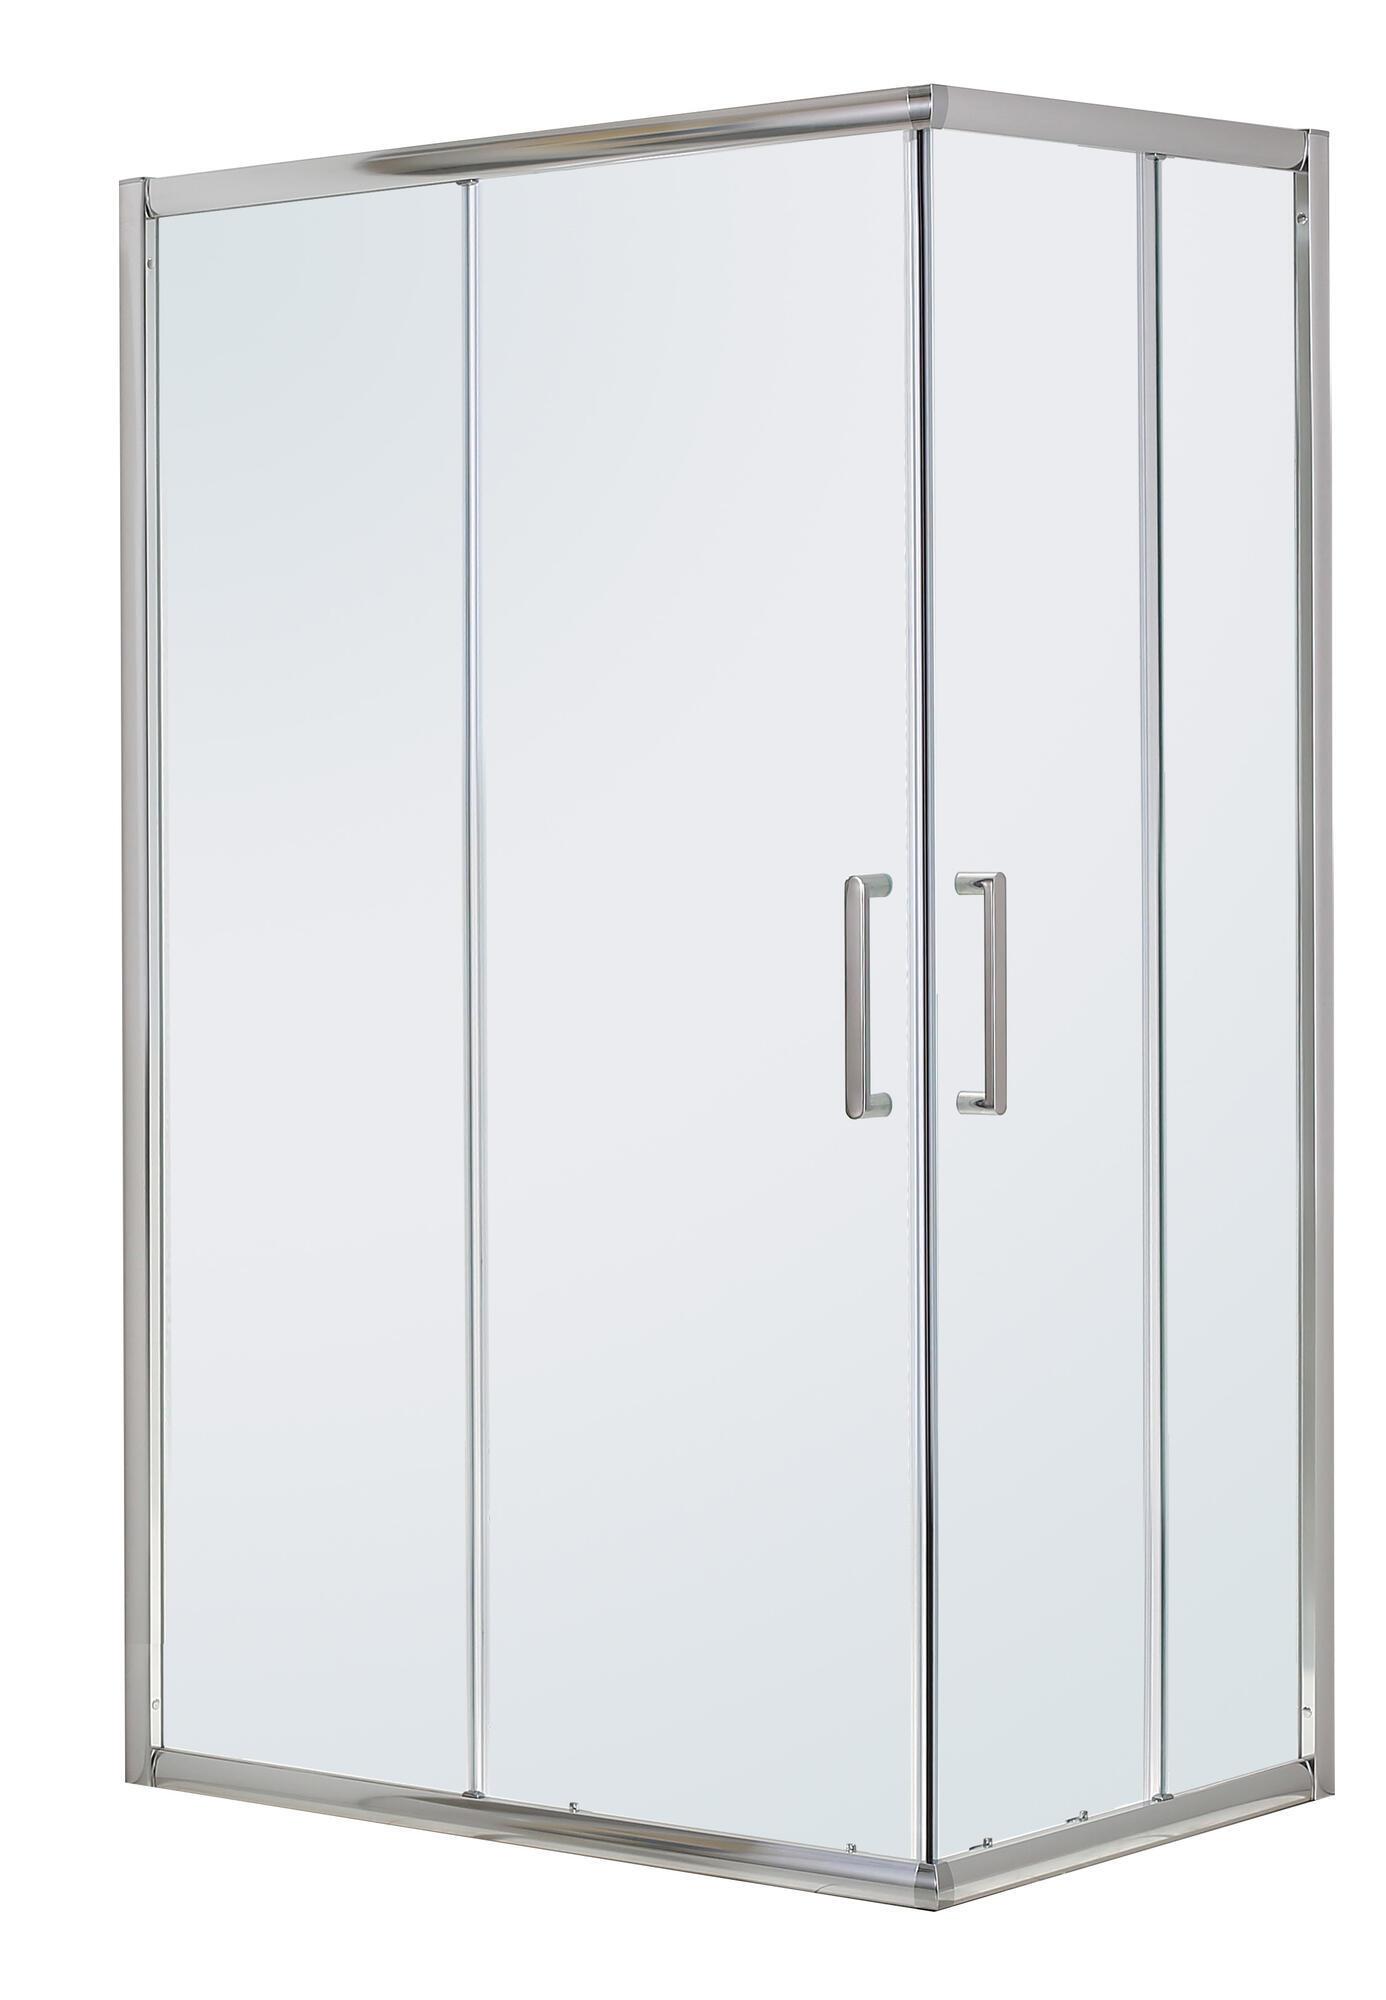 Box doccia quadrato scorrevole Quad 80 x 100 cm, H 190 cm in vetro temprato, spessore 6 mm trasparente argento - 7